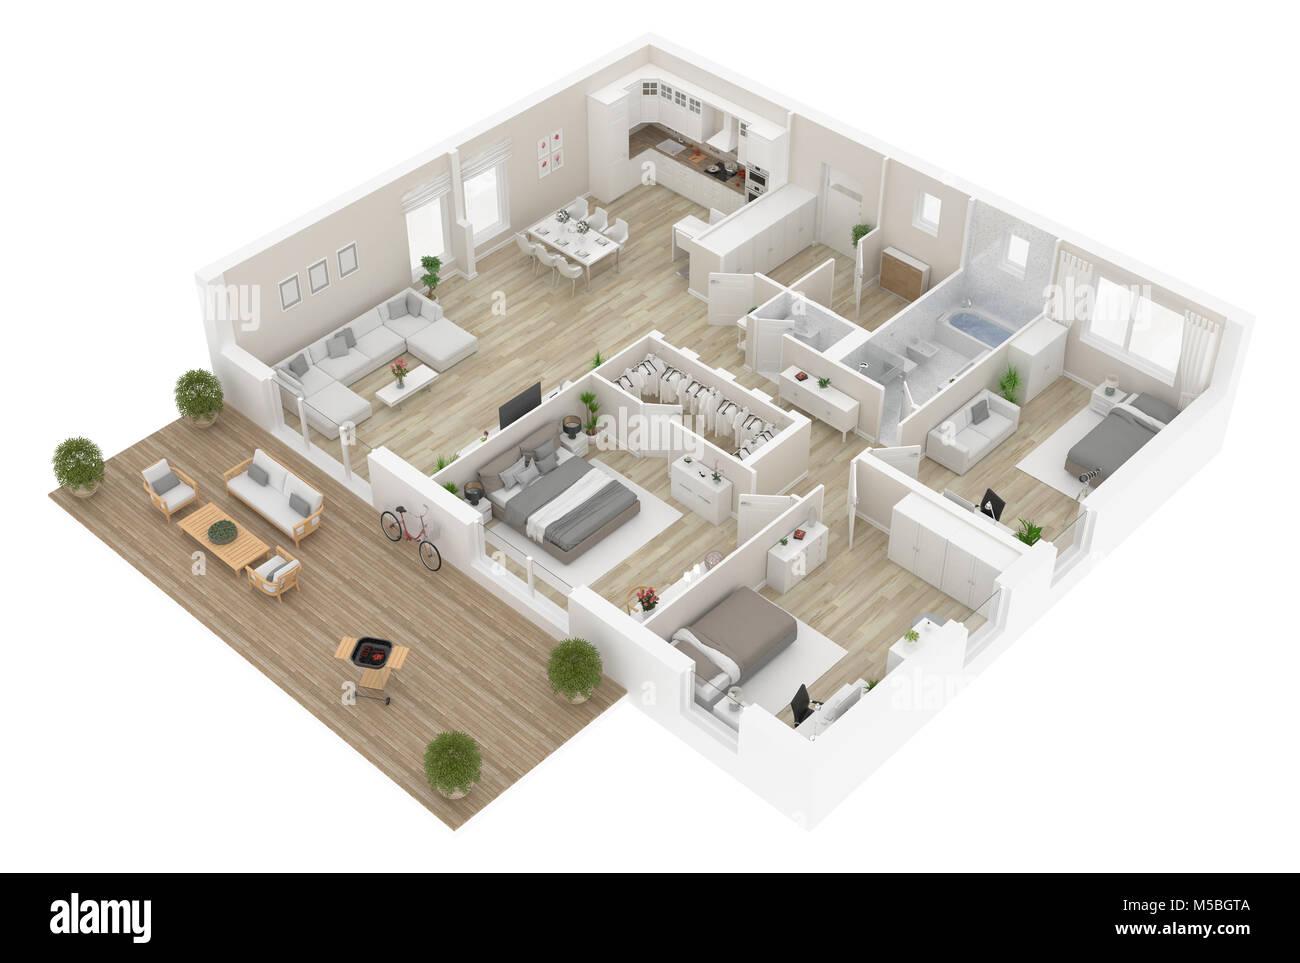 Grundriss Ansicht Von Oben. Apartment Innenraum Auf Weißem Hintergrund.  3D Rendering